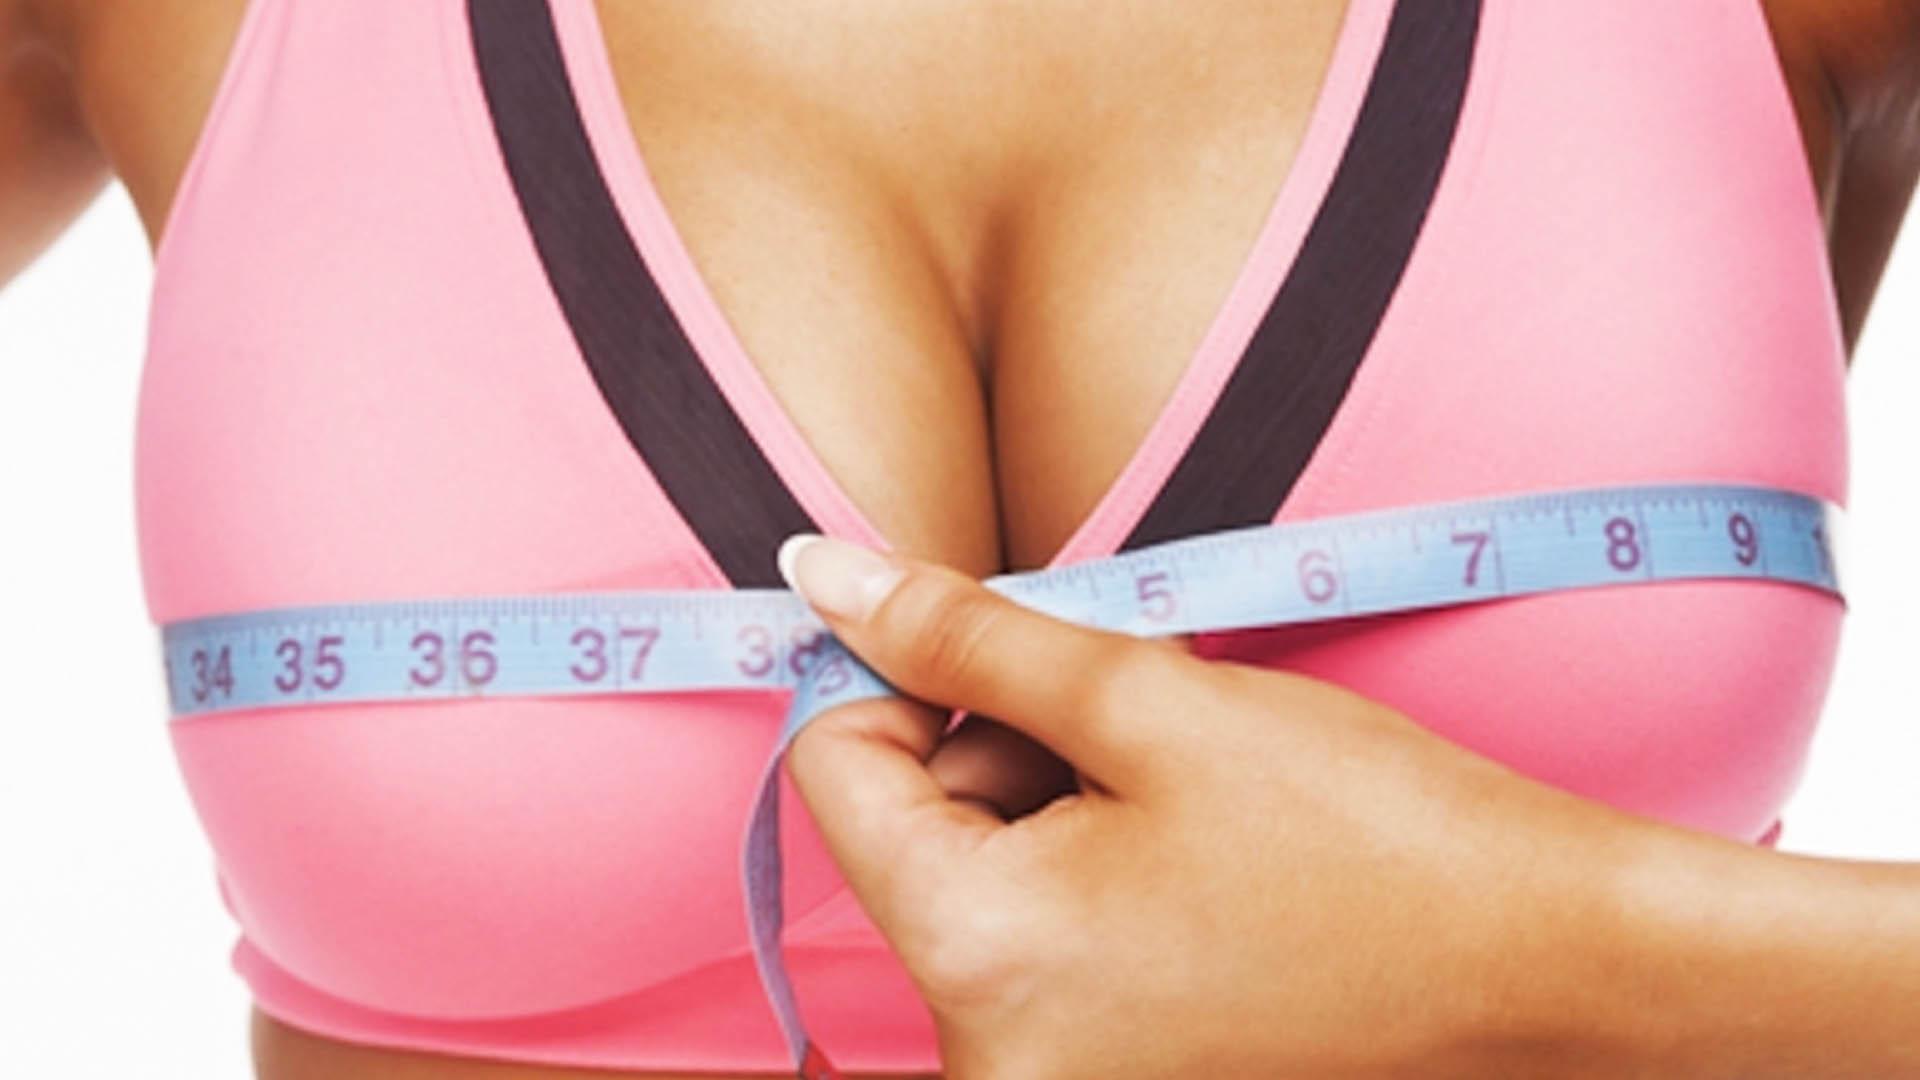 Сколько стоит операция увеличение груди 6 фотография